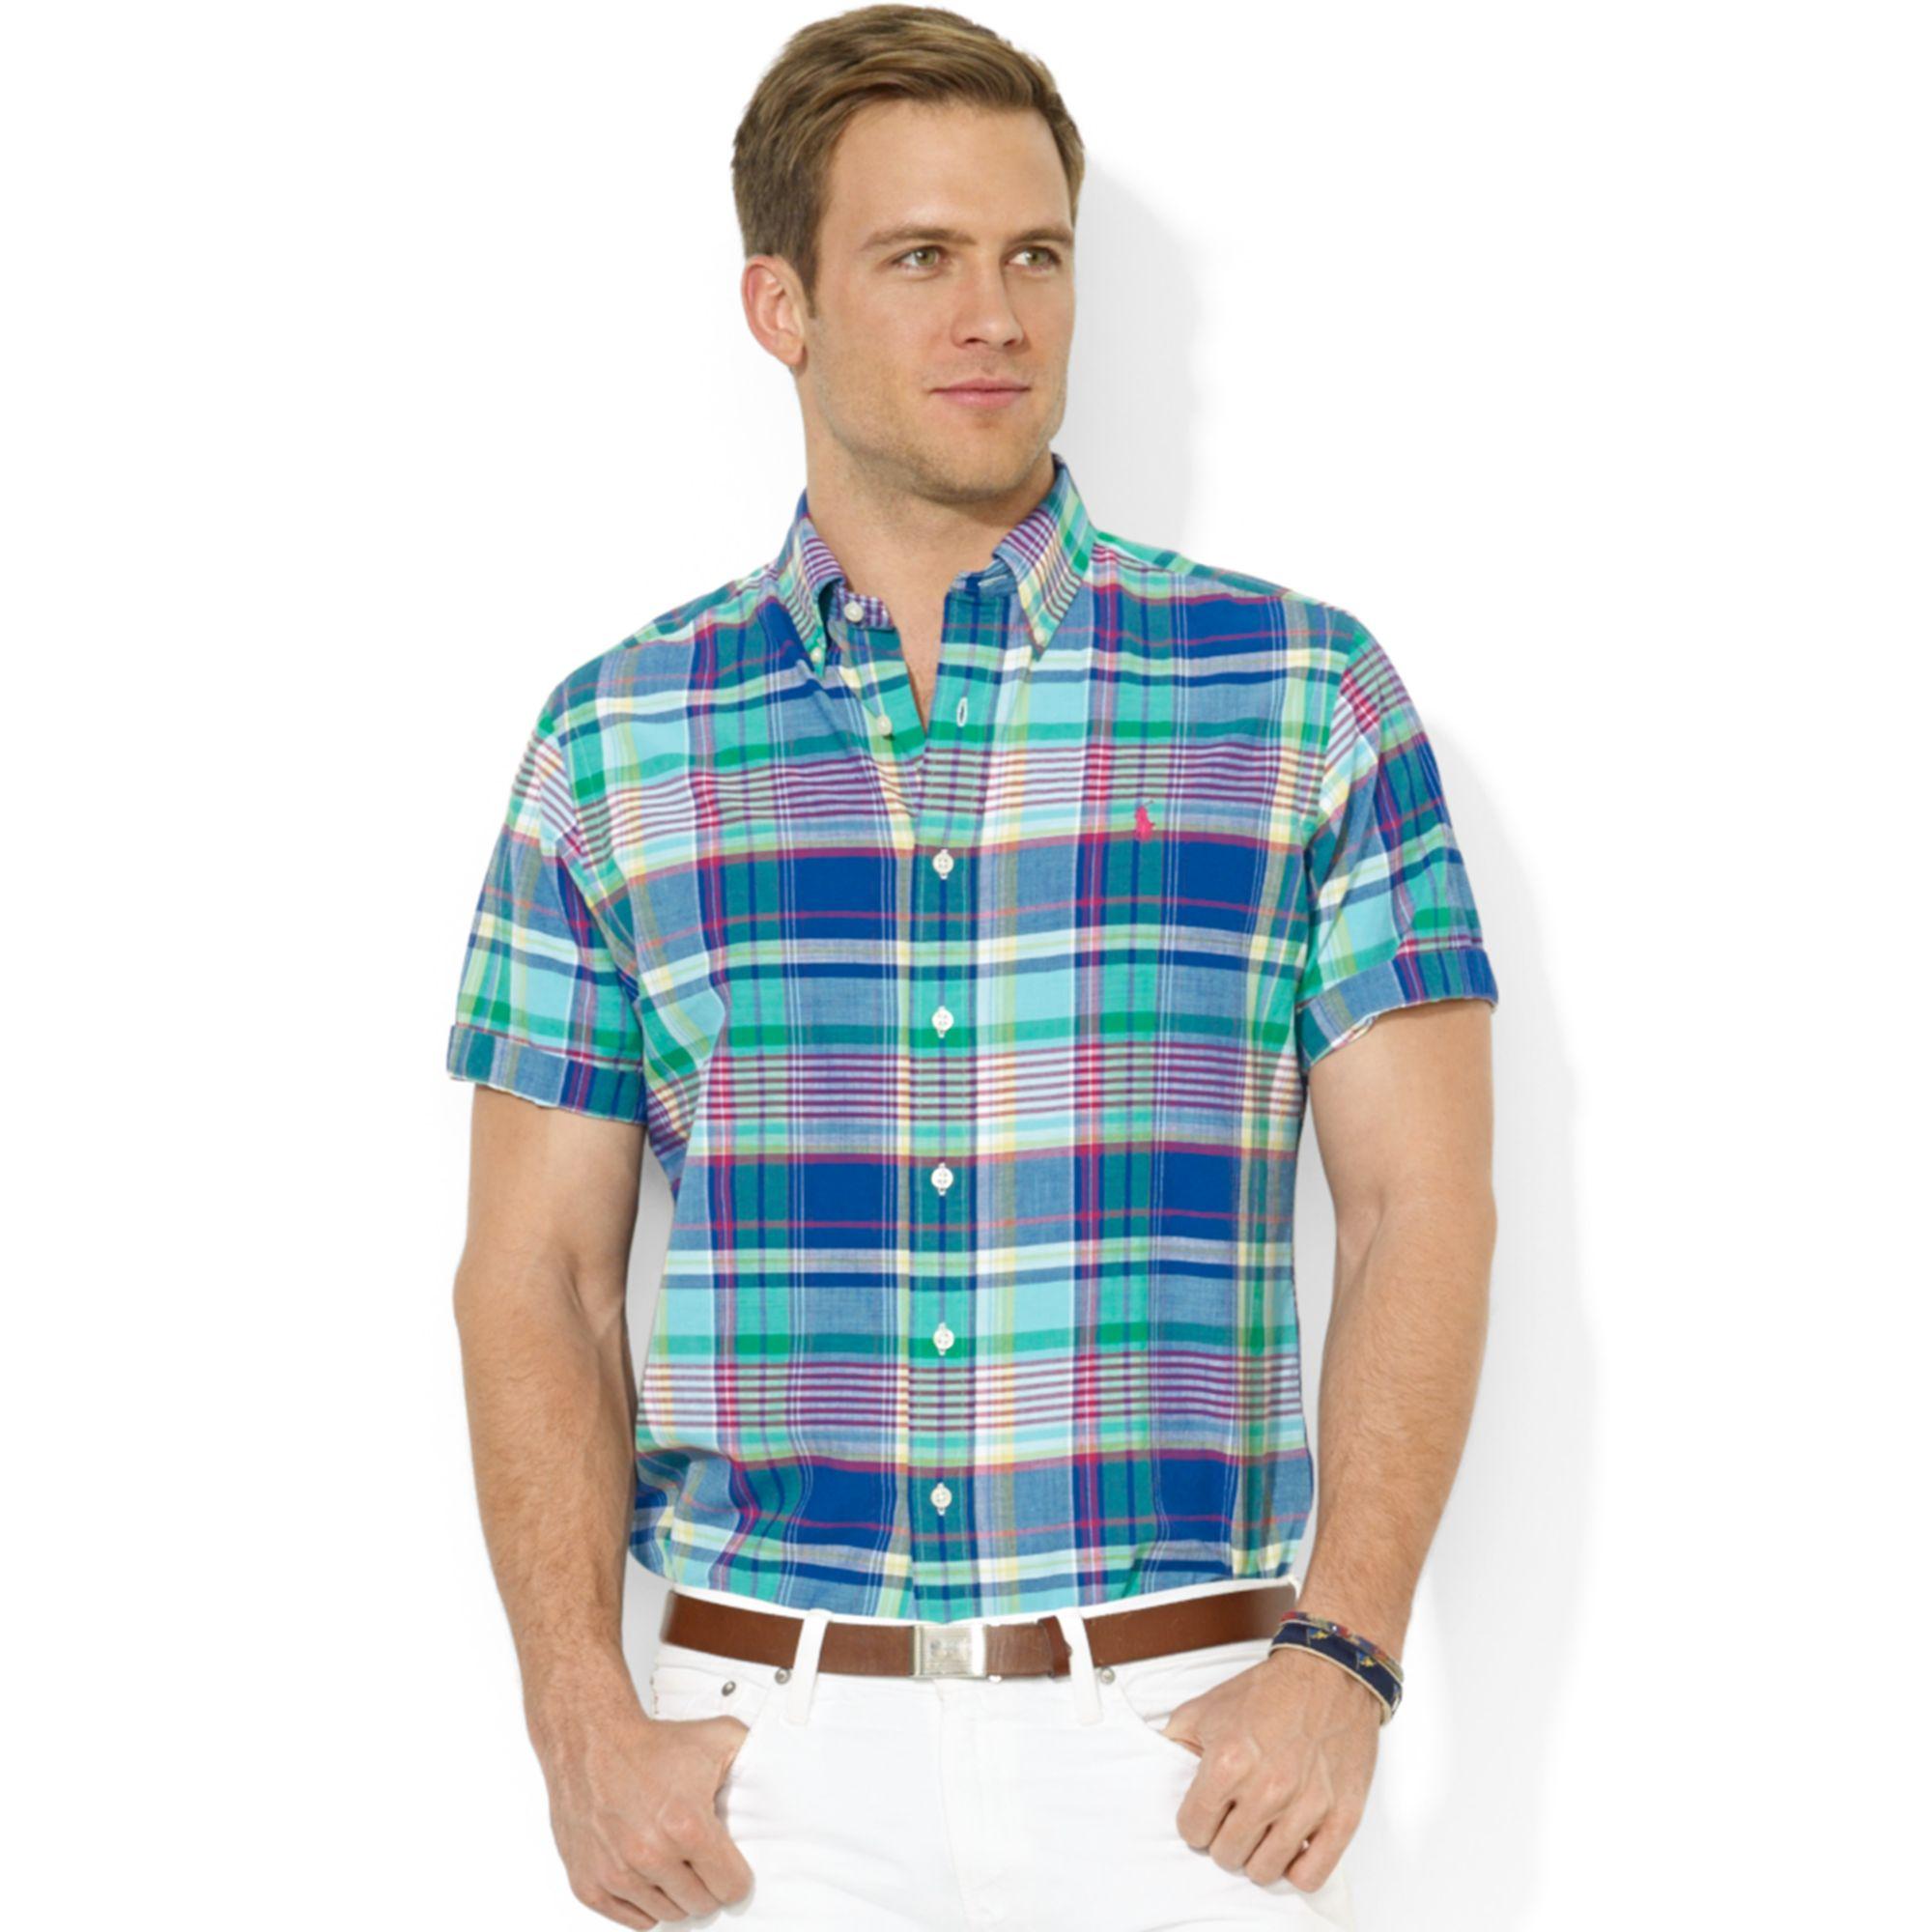 Ralph Lauren Sport Shirt Fit Guide 11